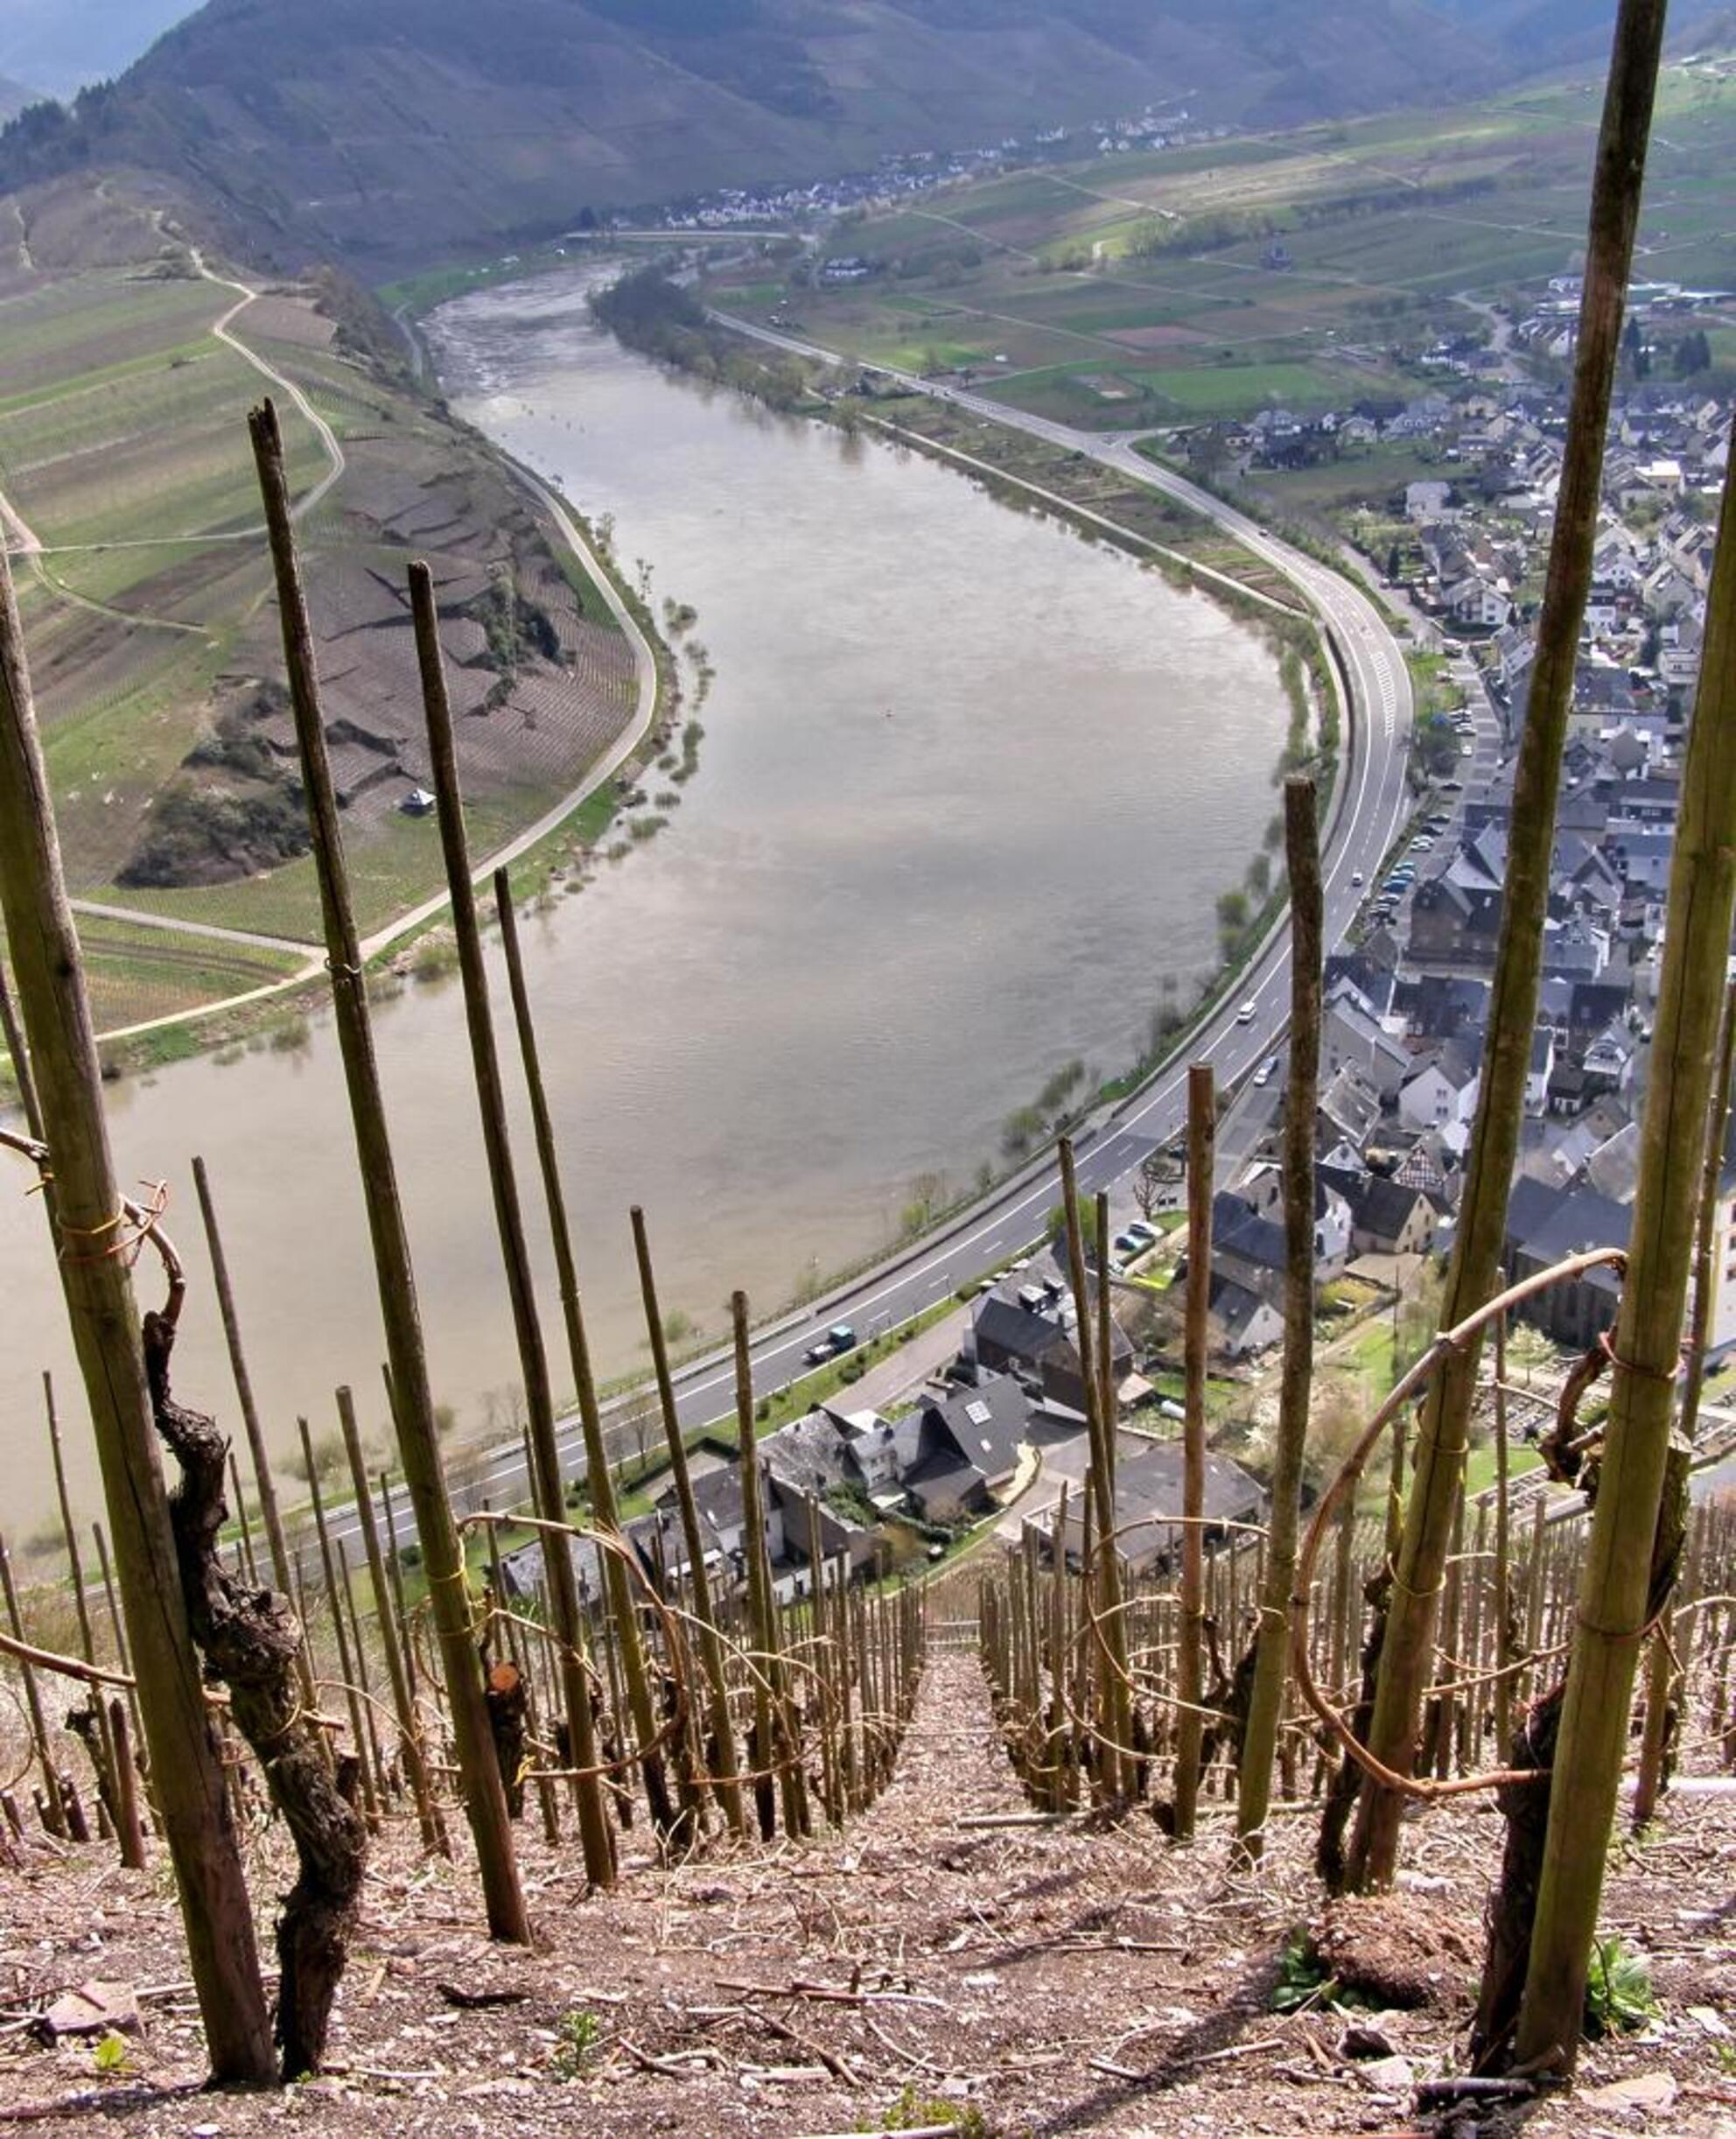 Wijnranken - Wijnranken op de steilste wijnbouwberg van Europa de Bremmer Calmont. Als je daar de druiven plukt en je valt, val je zo Bremm aan de Moezel binnen. - foto door Duckie_zoom op 27-04-2008 - deze foto bevat: wijnranken, moezel, neef, steil, bremm, mosel, bremmer, calmont - Deze foto mag gebruikt worden in een Zoom.nl publicatie